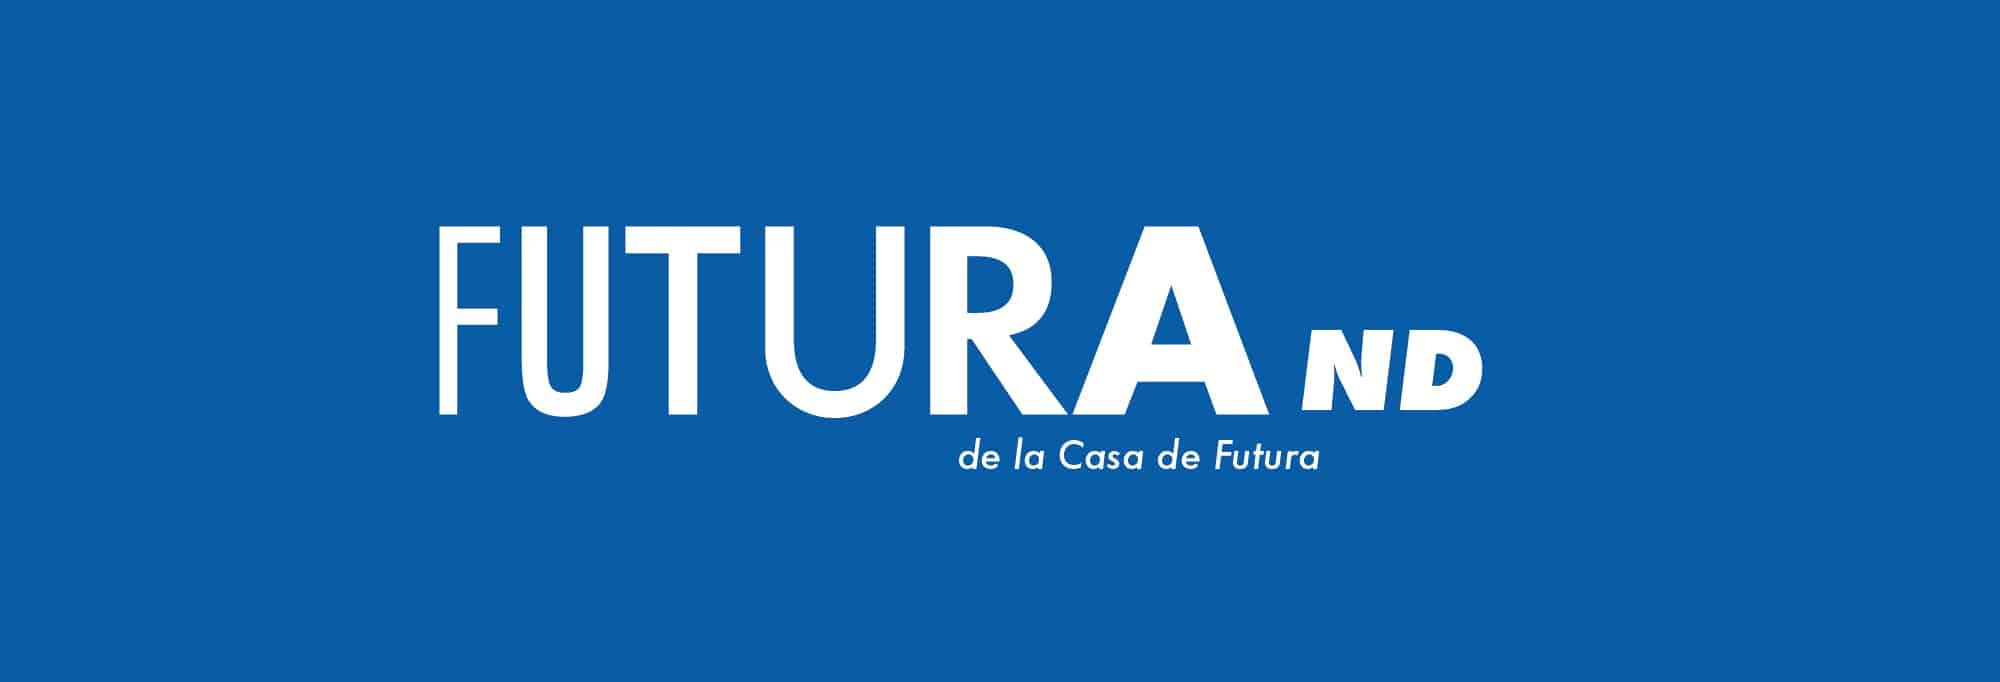 CTV_Futura-ND_bauertypes_01